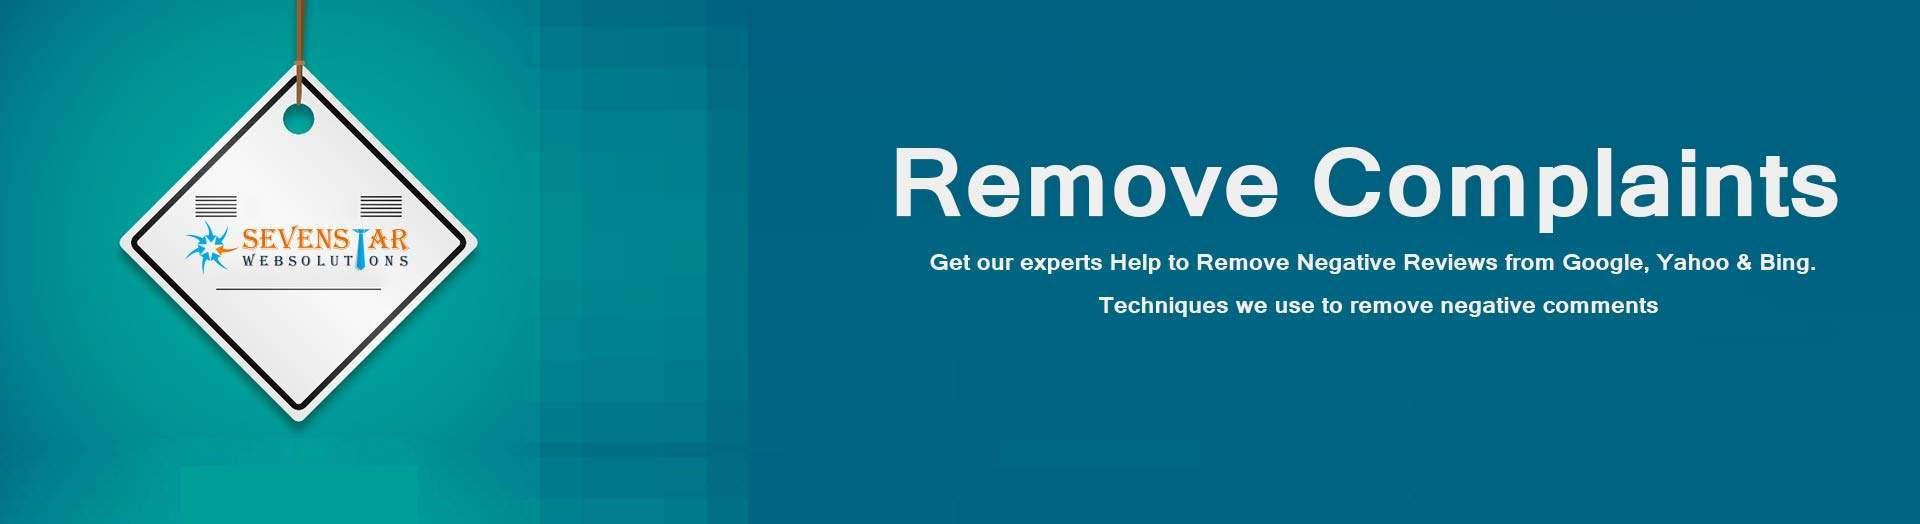 Remove complaints form website